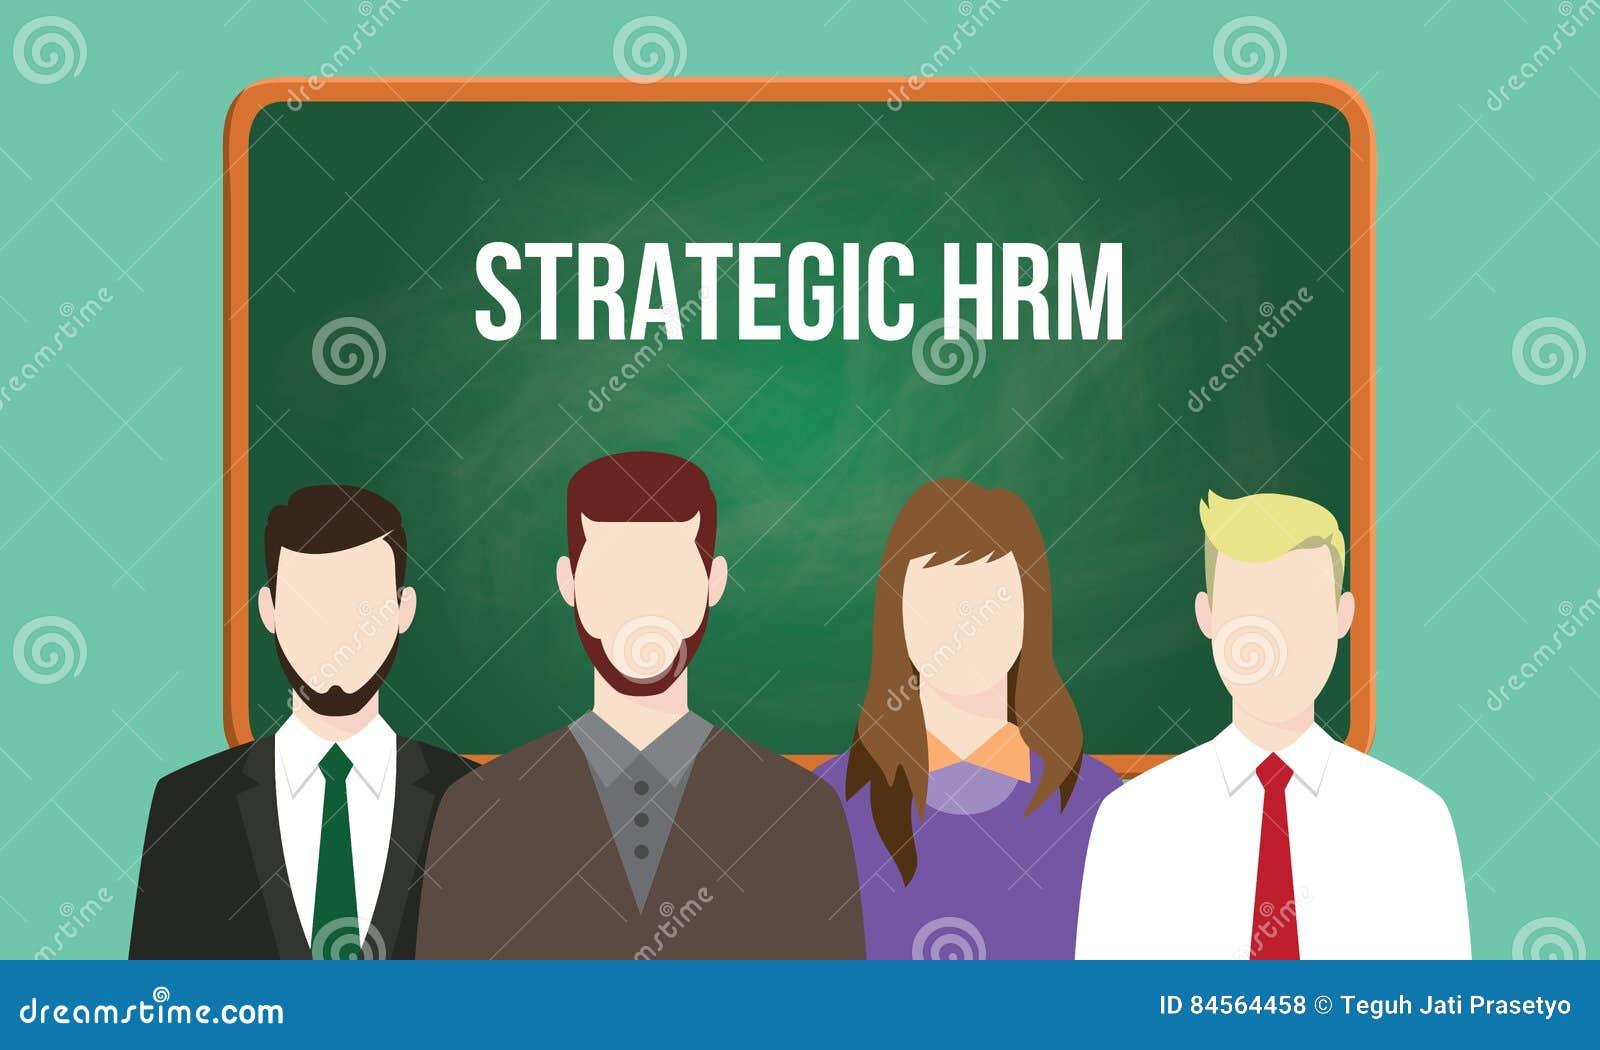 Απεικόνιση διοικητικής έννοιας στρατηγικού hrm ή του ανθρώπινου δυναμικού με το κείμενο που γράφεται στον πίνακα κιμωλίας